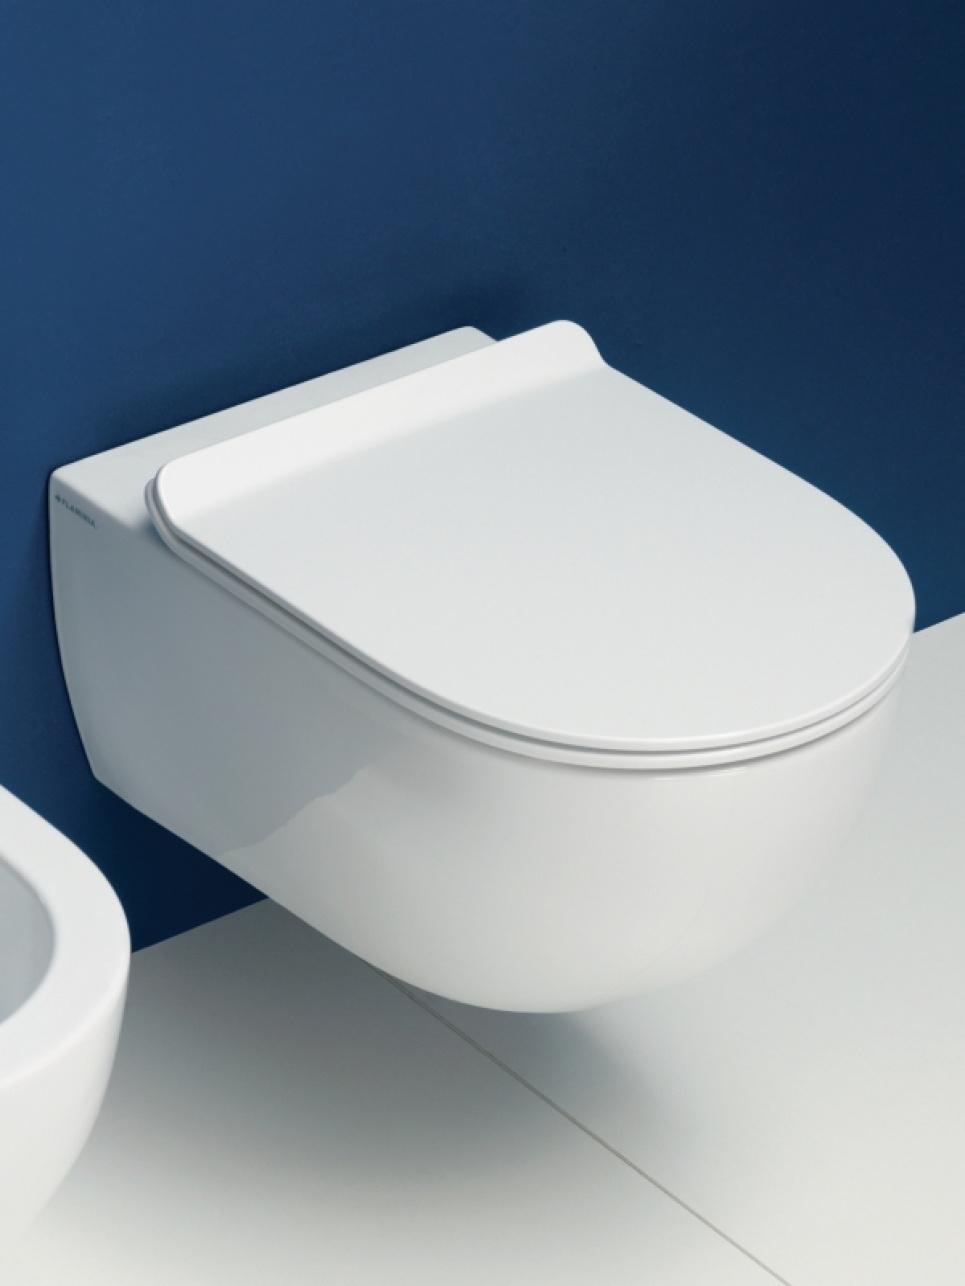 Spoelrand vrije toilets